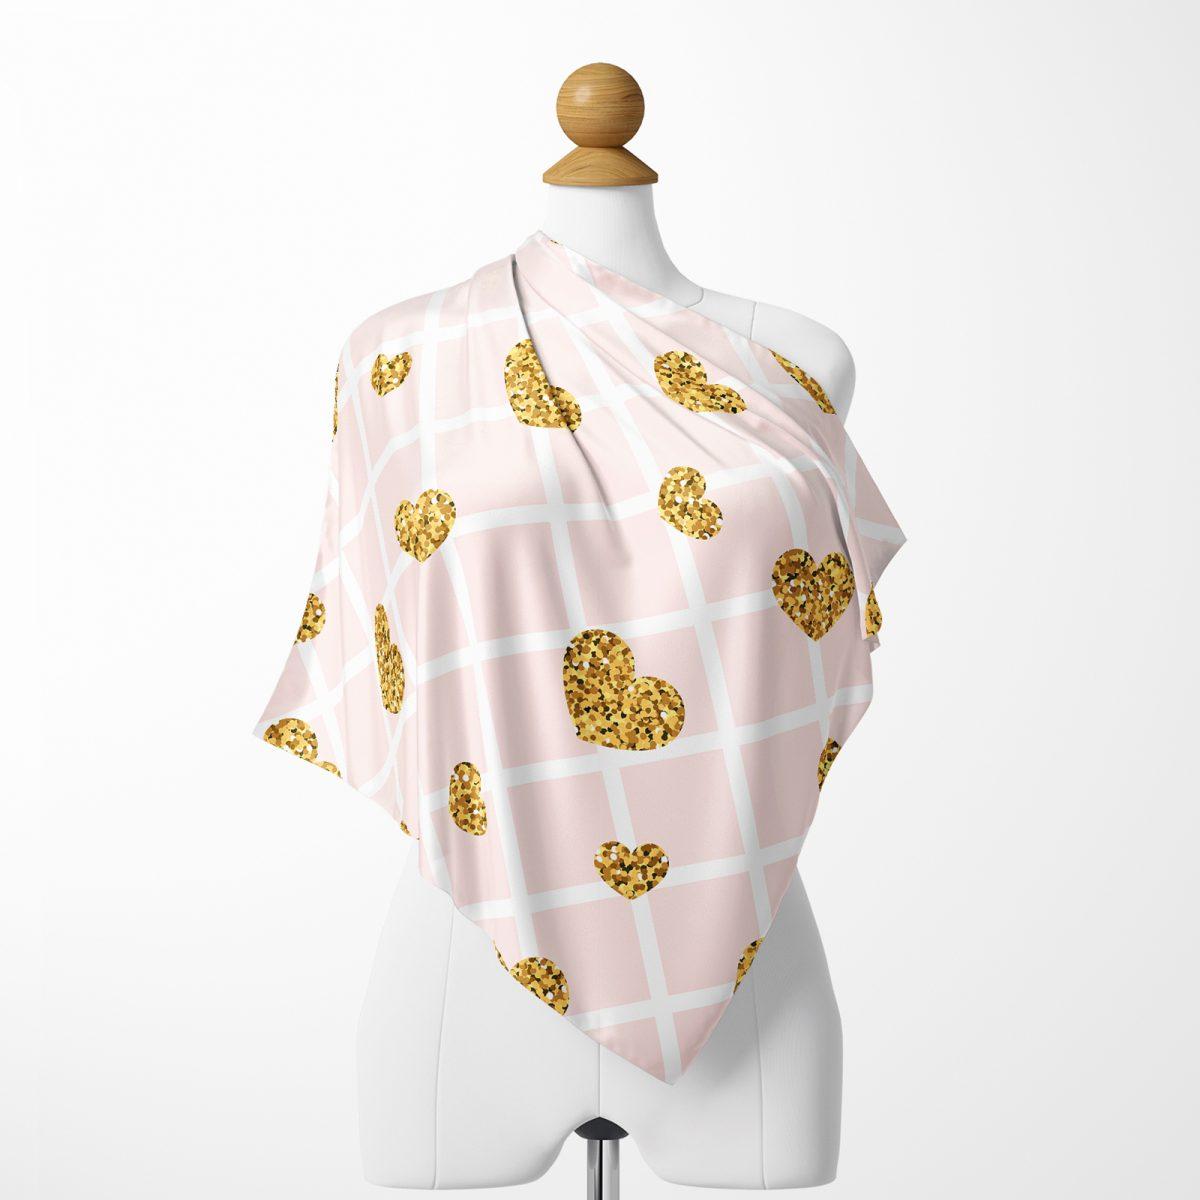 Damalı Pudra Renkli Altın Kalpler Özel Tasarım Tivil Eşarp Realhomes